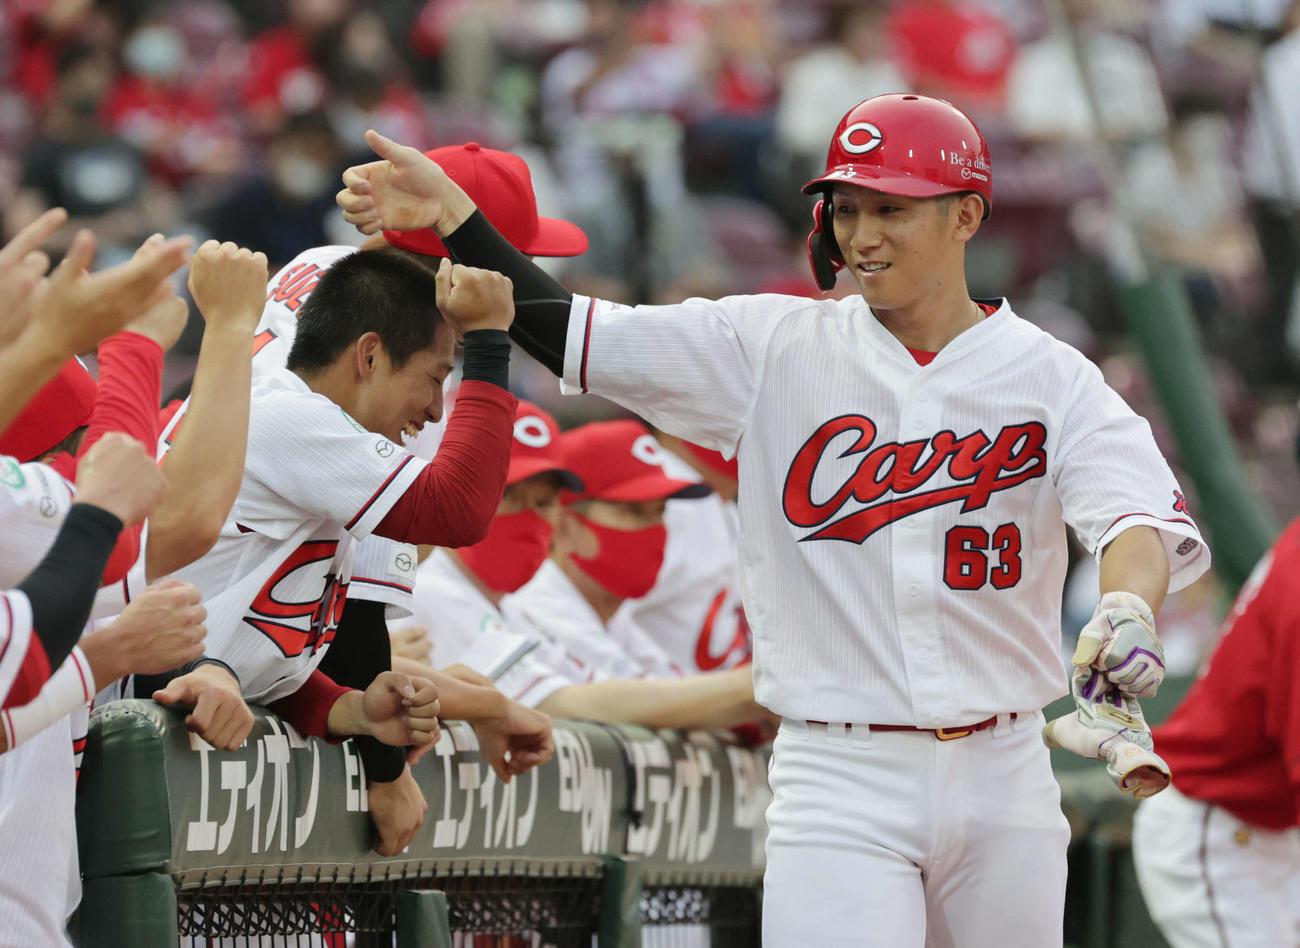 プロ野球広島対阪神6回戦 1回裏広島2死二塁、松山の先制中前適時打で西川が生還。ボコられているのは羽月(撮影・加藤孝規)